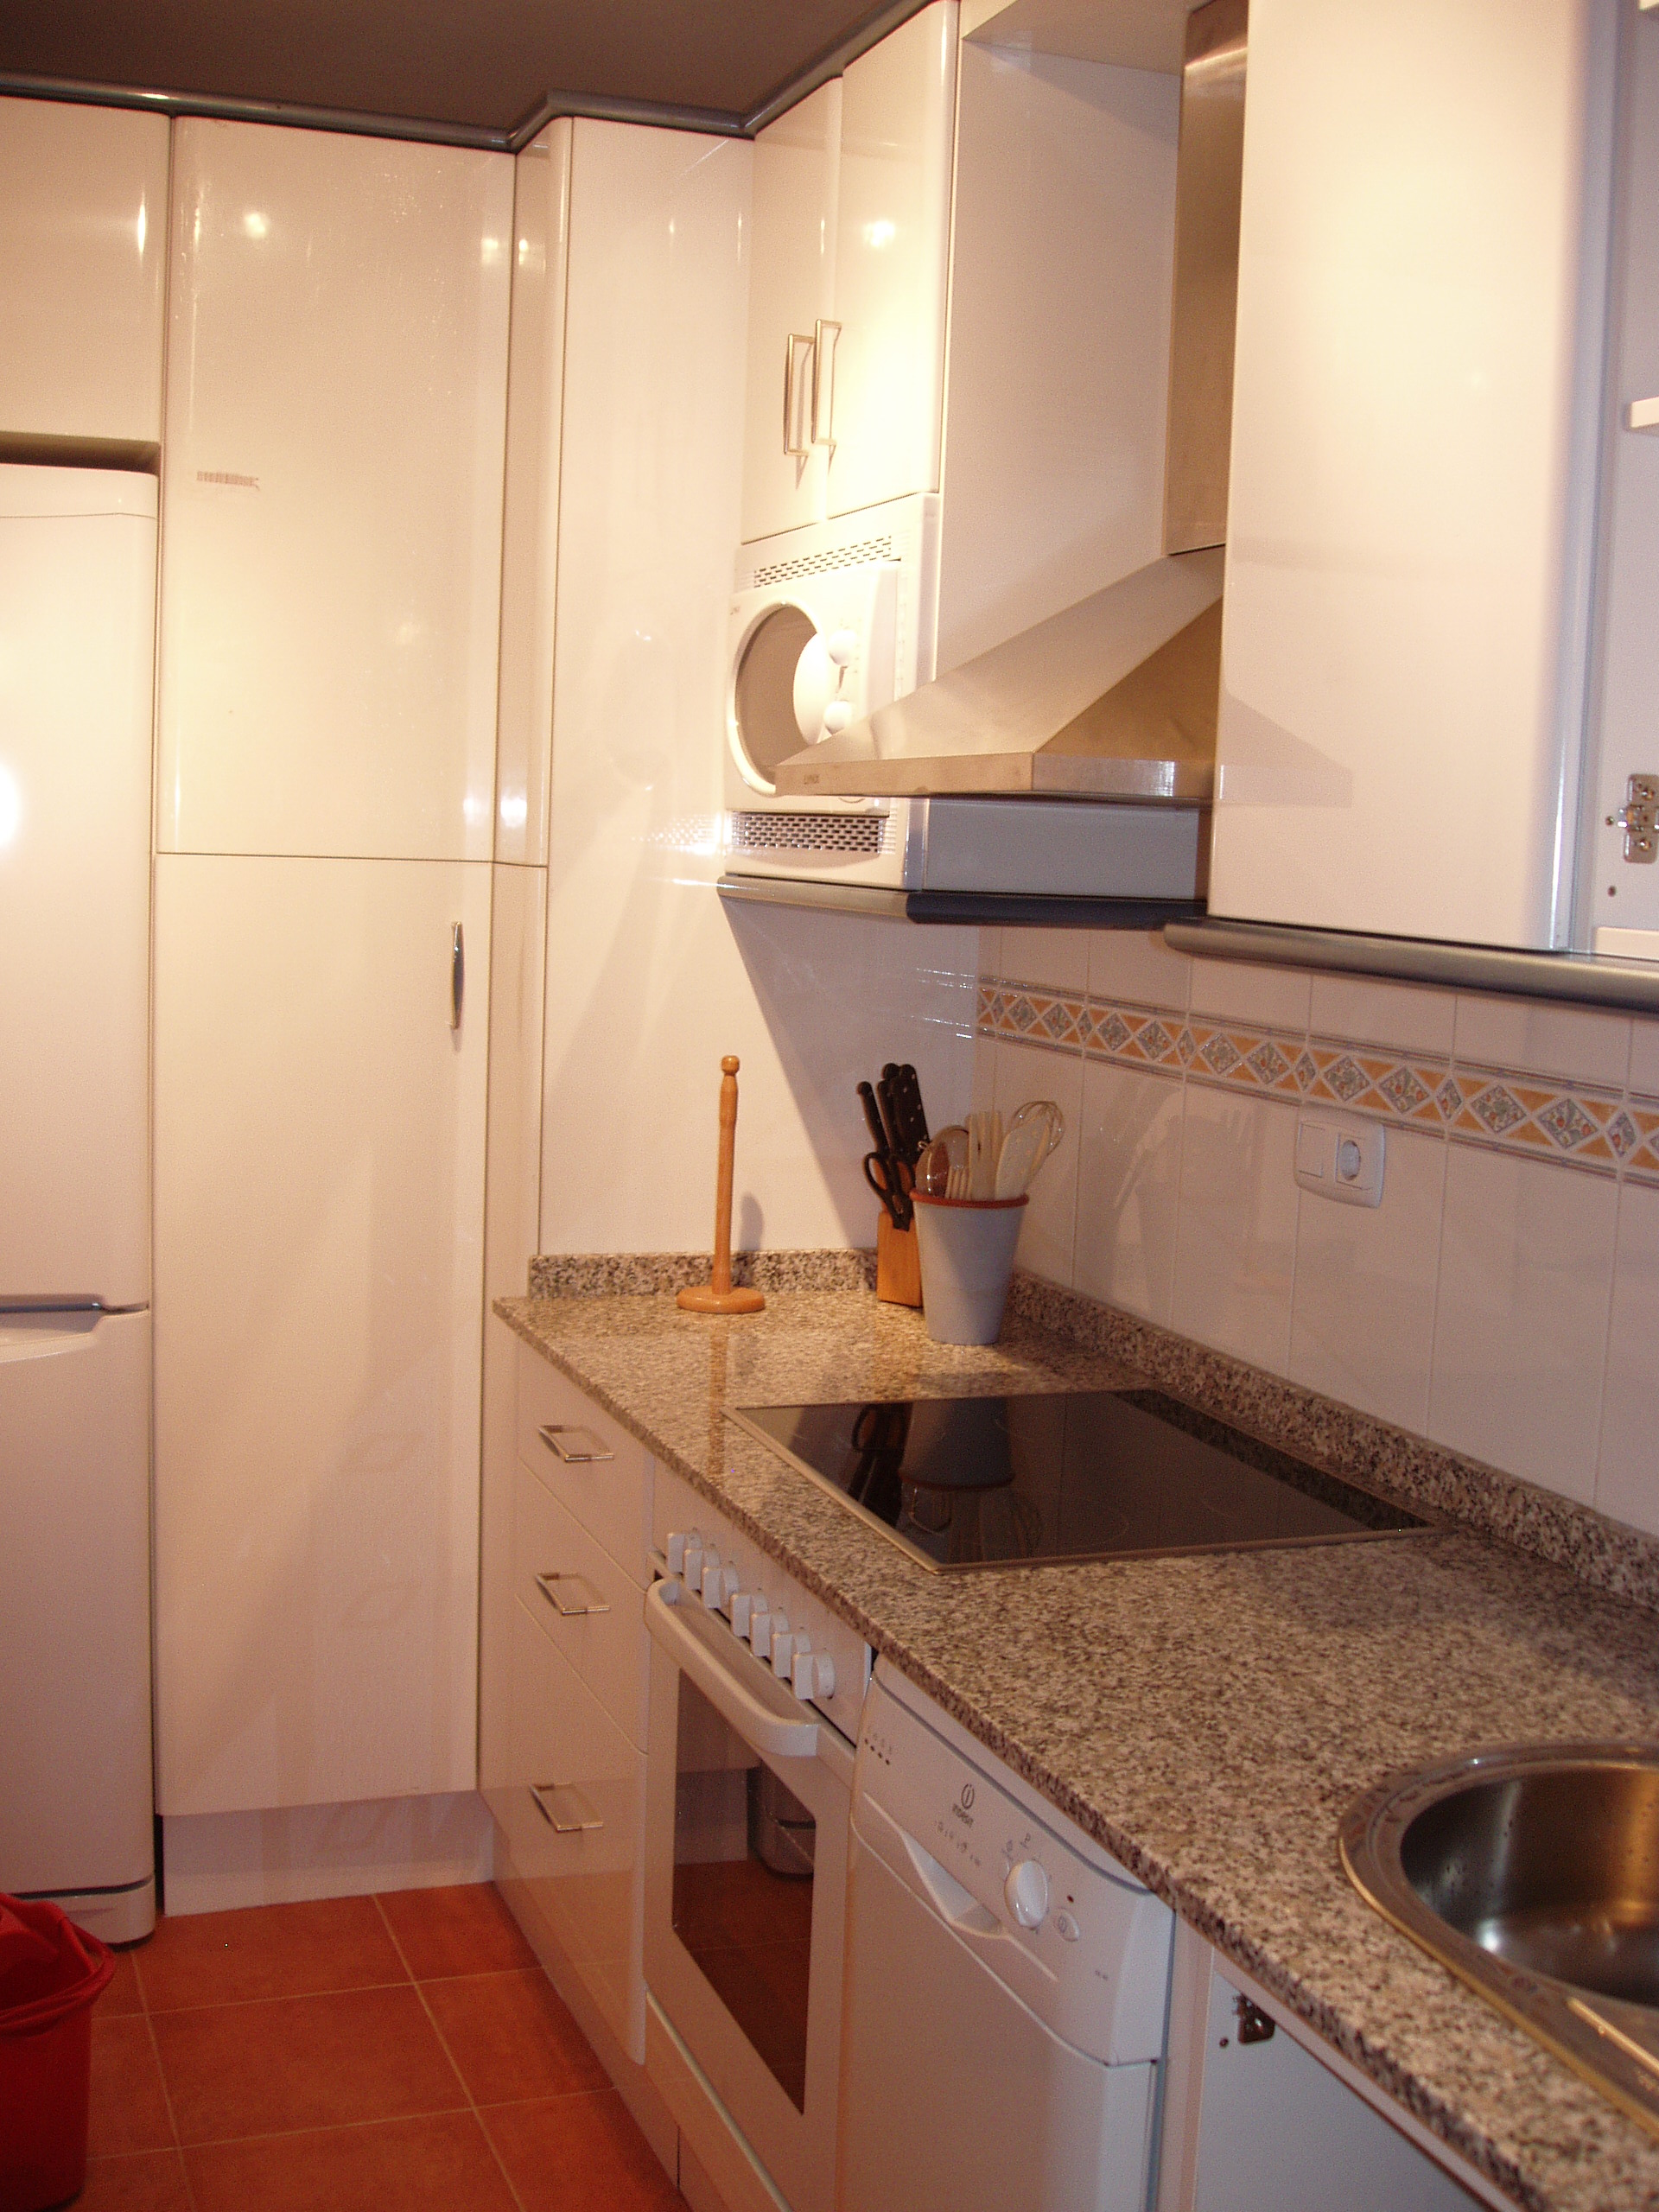 Ferienwohnung 3 Schlafzimmer Wohnung zu vermieten in Mojcar, Spanien (2388895), Mojacar, Costa de Almeria, Andalusien, Spanien, Bild 10